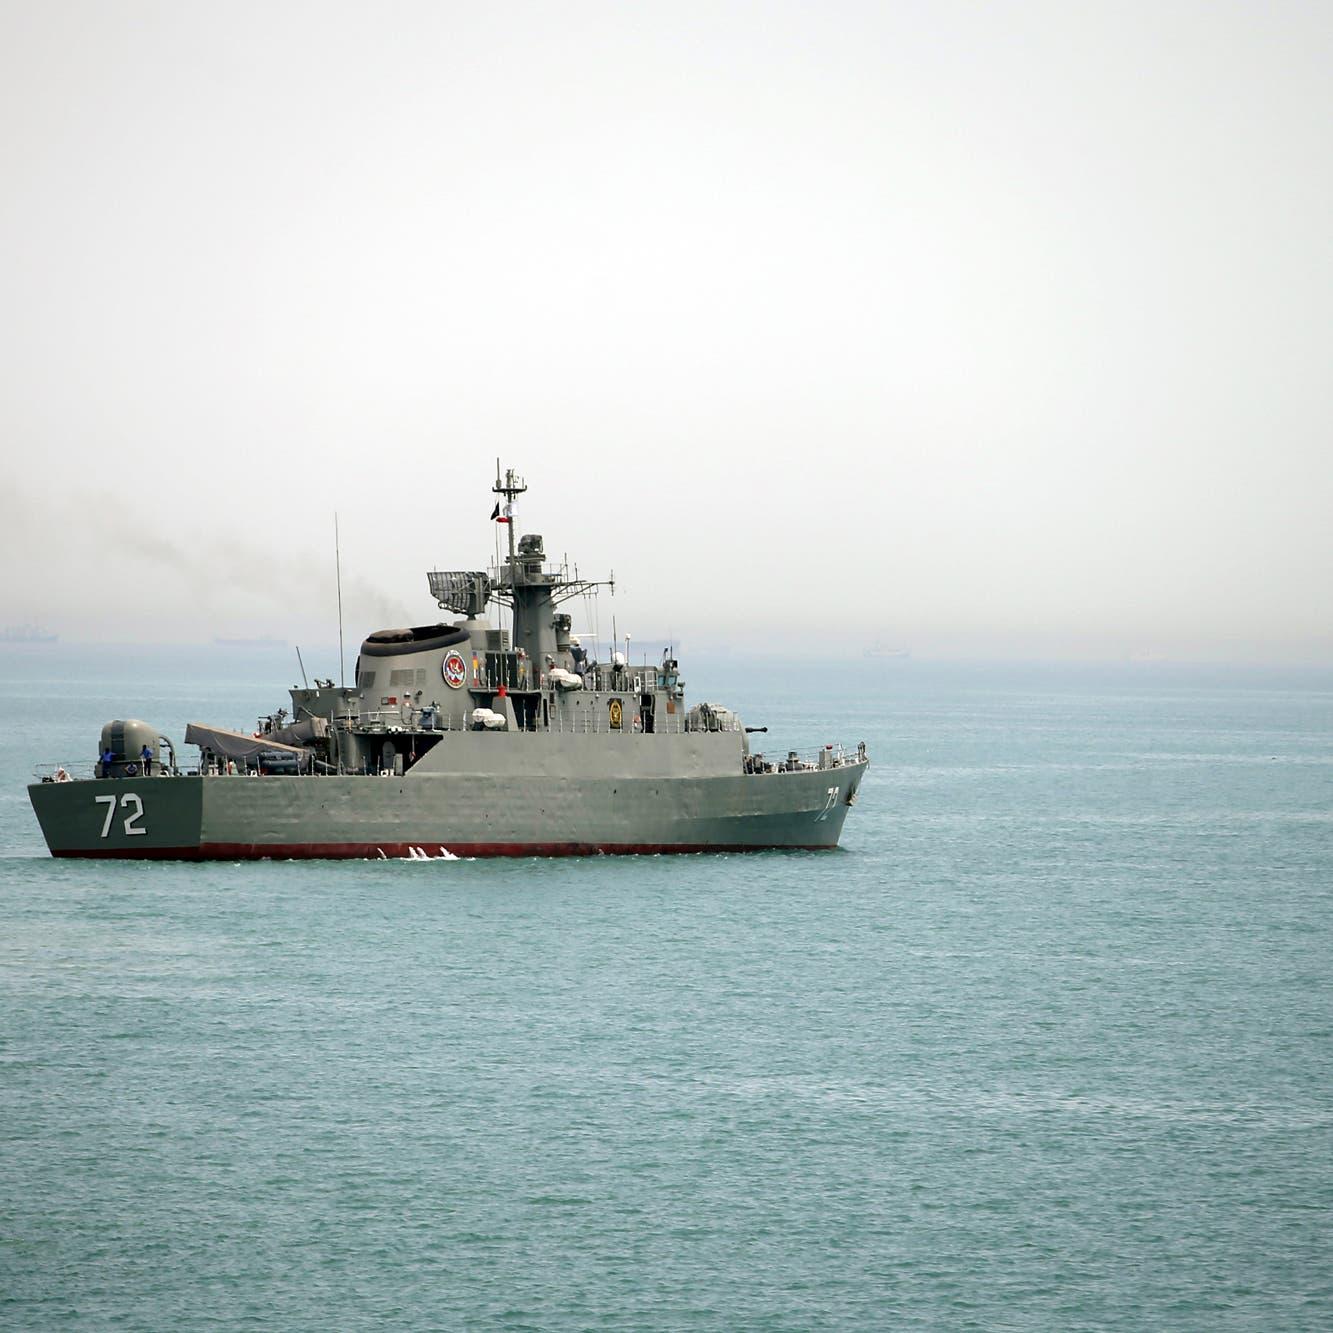 محلل أميركي: إغلاق مضيق هرمز يُعرض إيران لضربة عسكرية